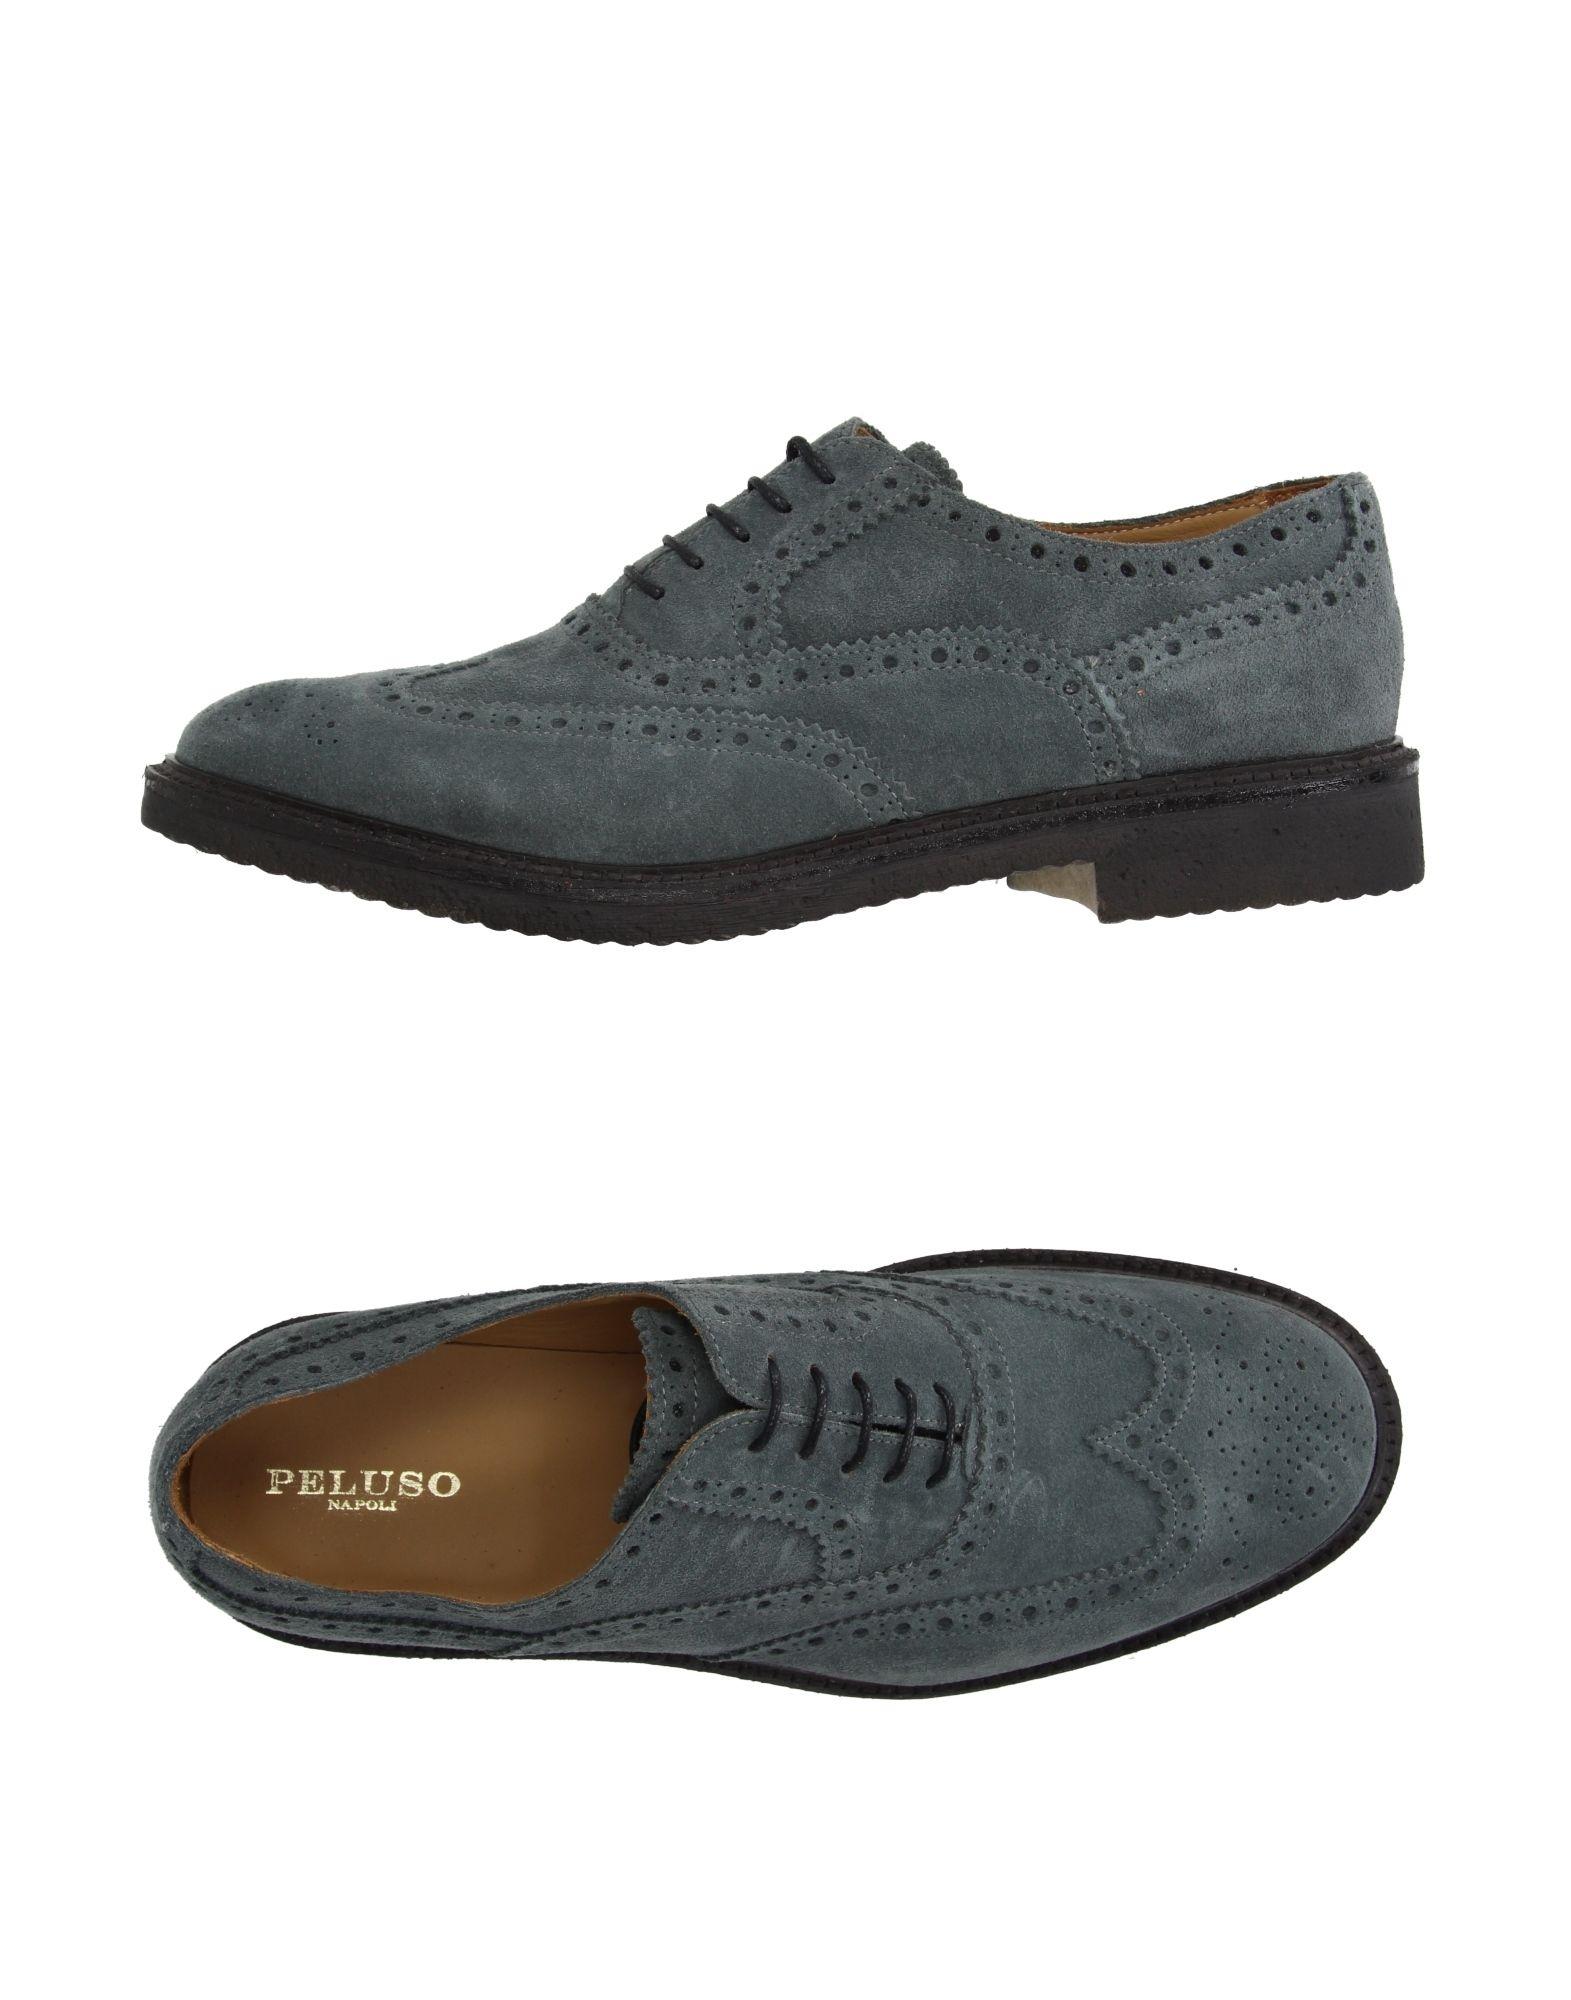 PELUSO NAPOLI Обувь на шнурках цены онлайн